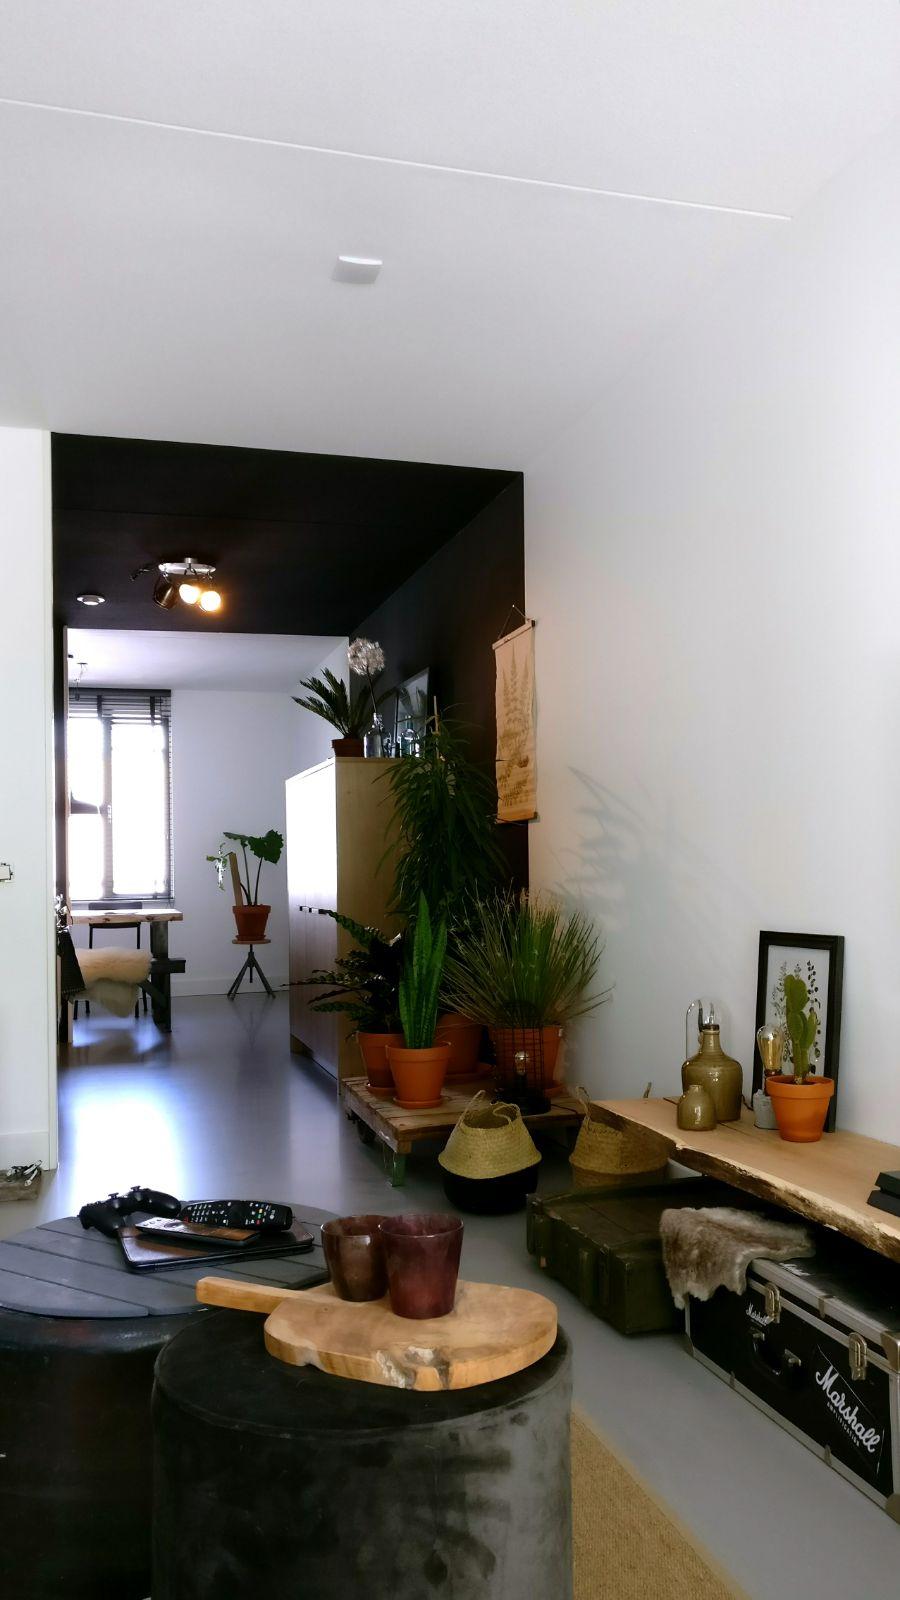 appartement nieuwbouw accessoires industrieel stoer autoband formule 1 bijzettafel doorsnede boomstam zwarte keuken.jpg